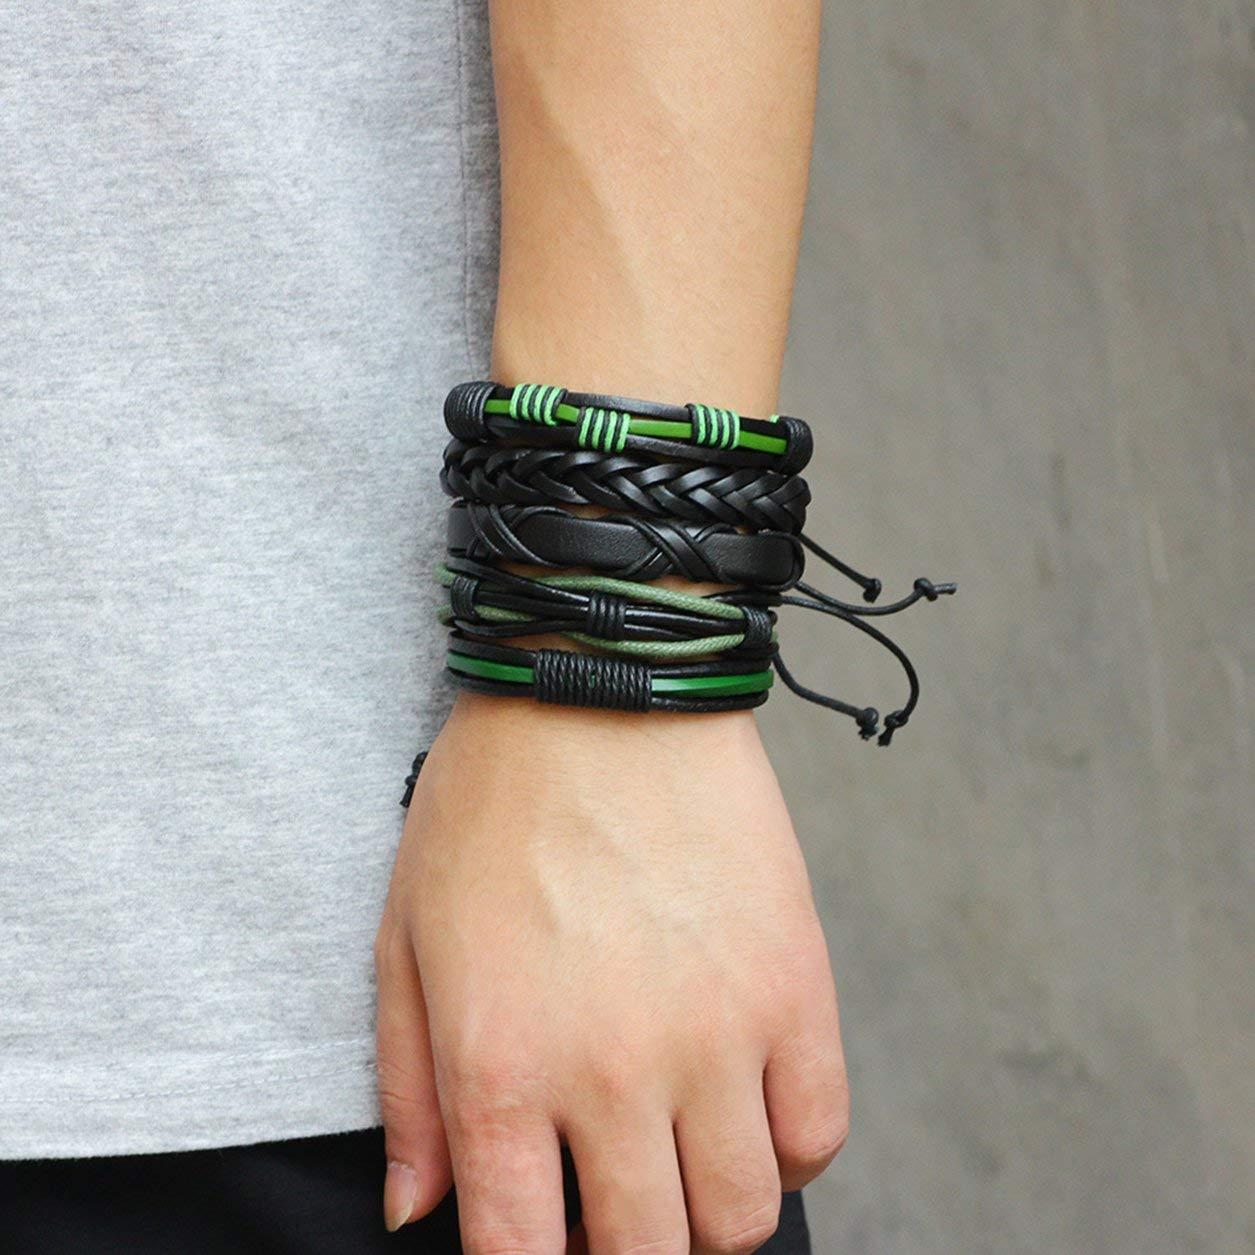 Moda Coreana 5 UNIDS//Conjunto Hombres de m/últiples Capas Hombre Pulsera Trenzada de Cuero de LA Pulsera Joyer/ía Casual Mejor Regalo de cumplea/ños Color: Negro y Verde